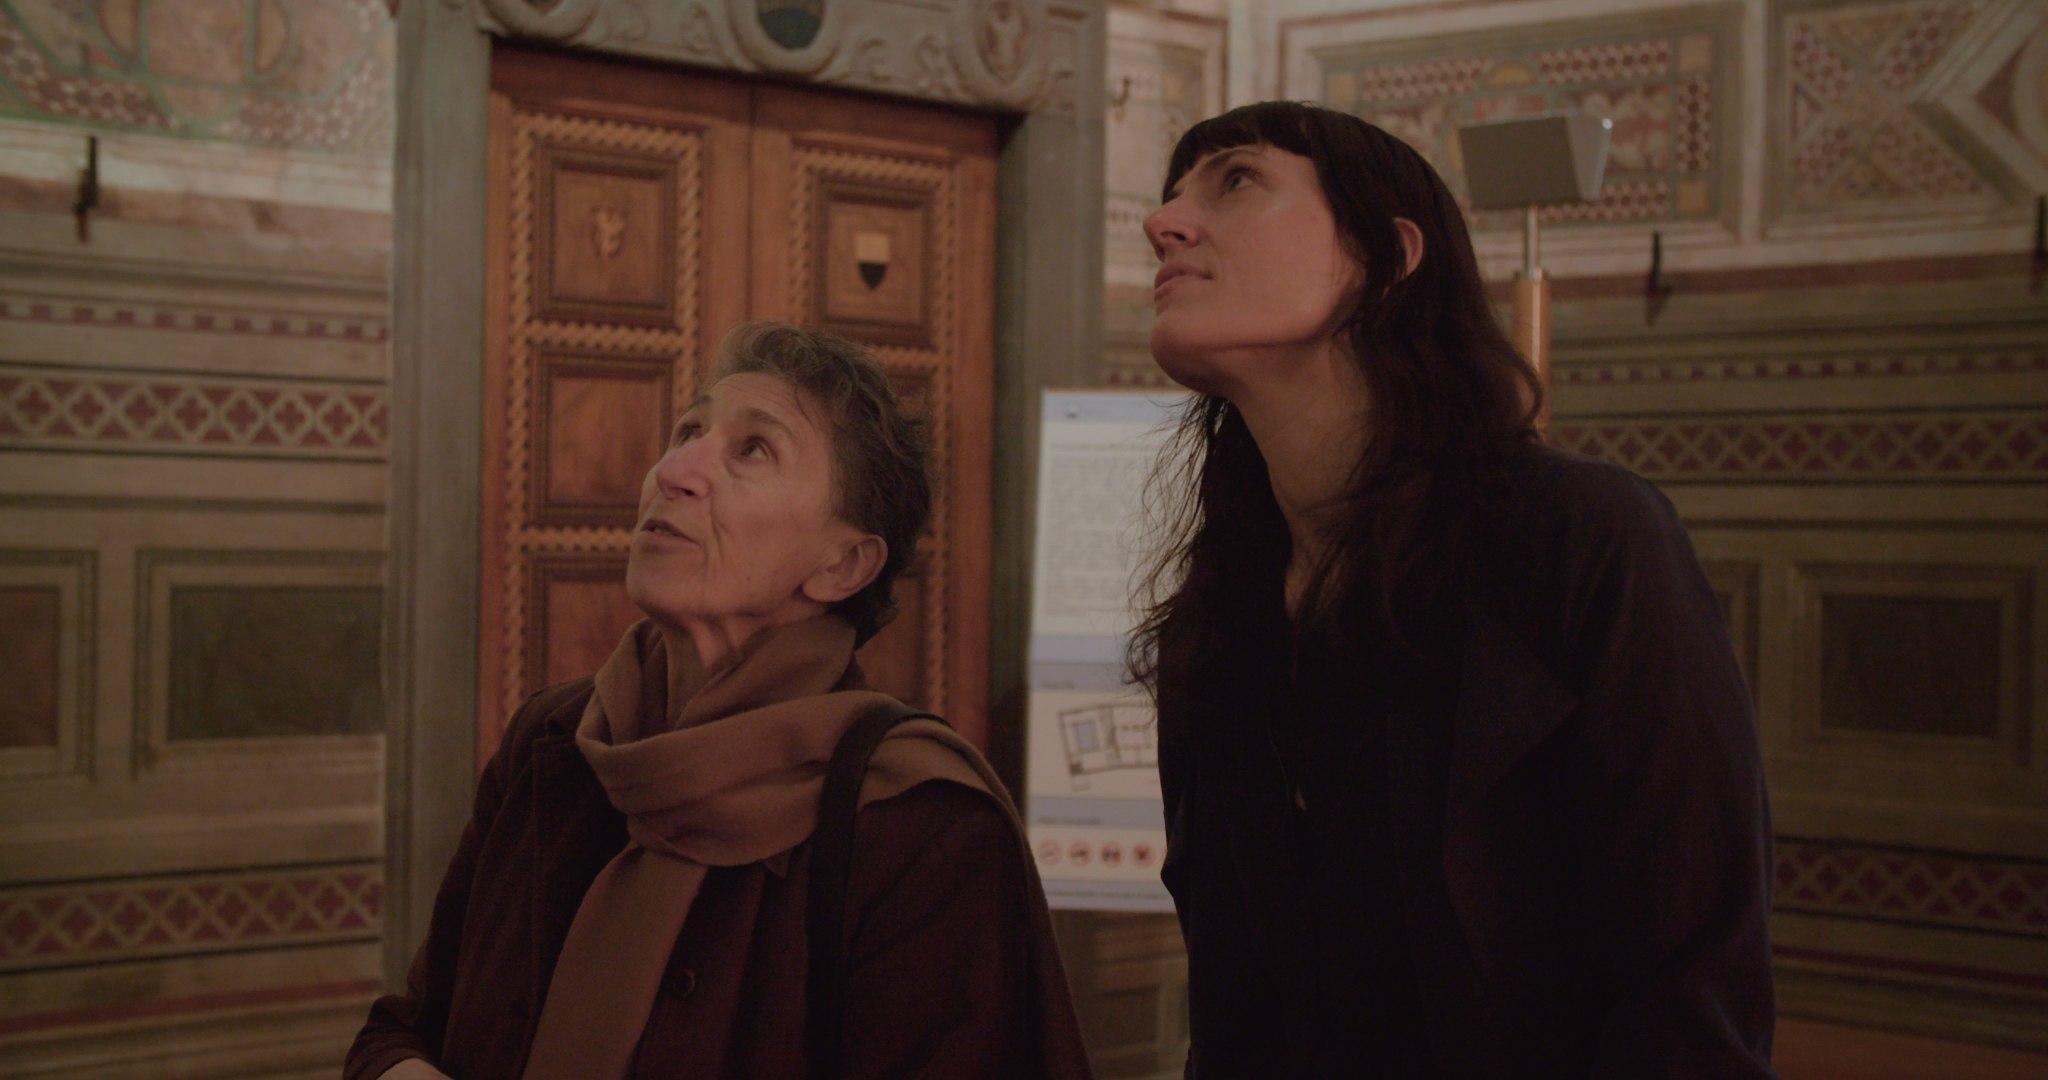 Ohjaaja Astra Taylor (vasemmalla) pohtii elokuvassaan demokratian ydinajatuksia.